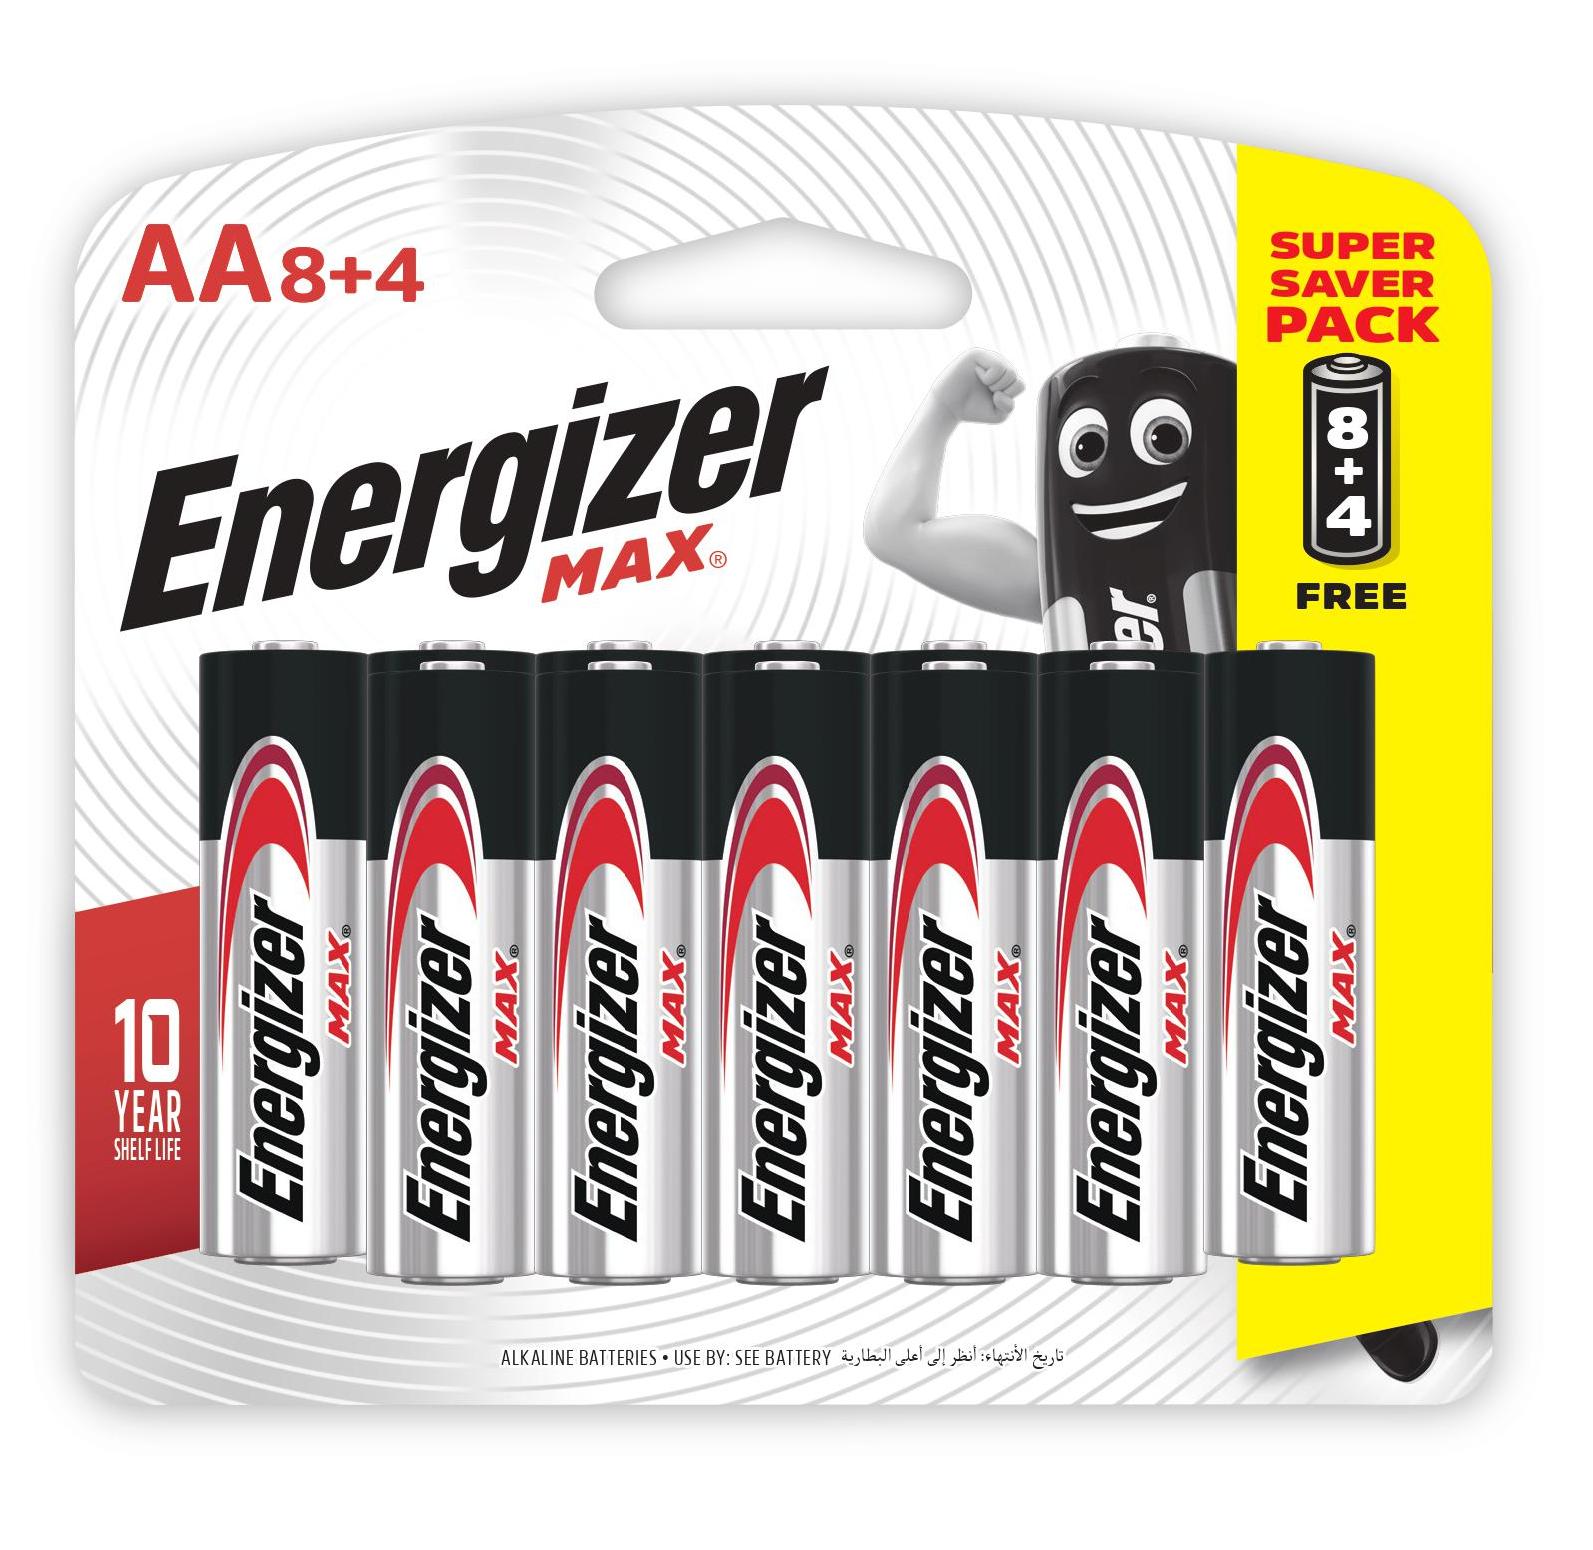 Pin Energizer Max AA E91 BP8+4, để xa tầm tay của trẻ em, pin kiềm, hiệu điện thế 1,5V, thay pin cùng lúc cùng loại